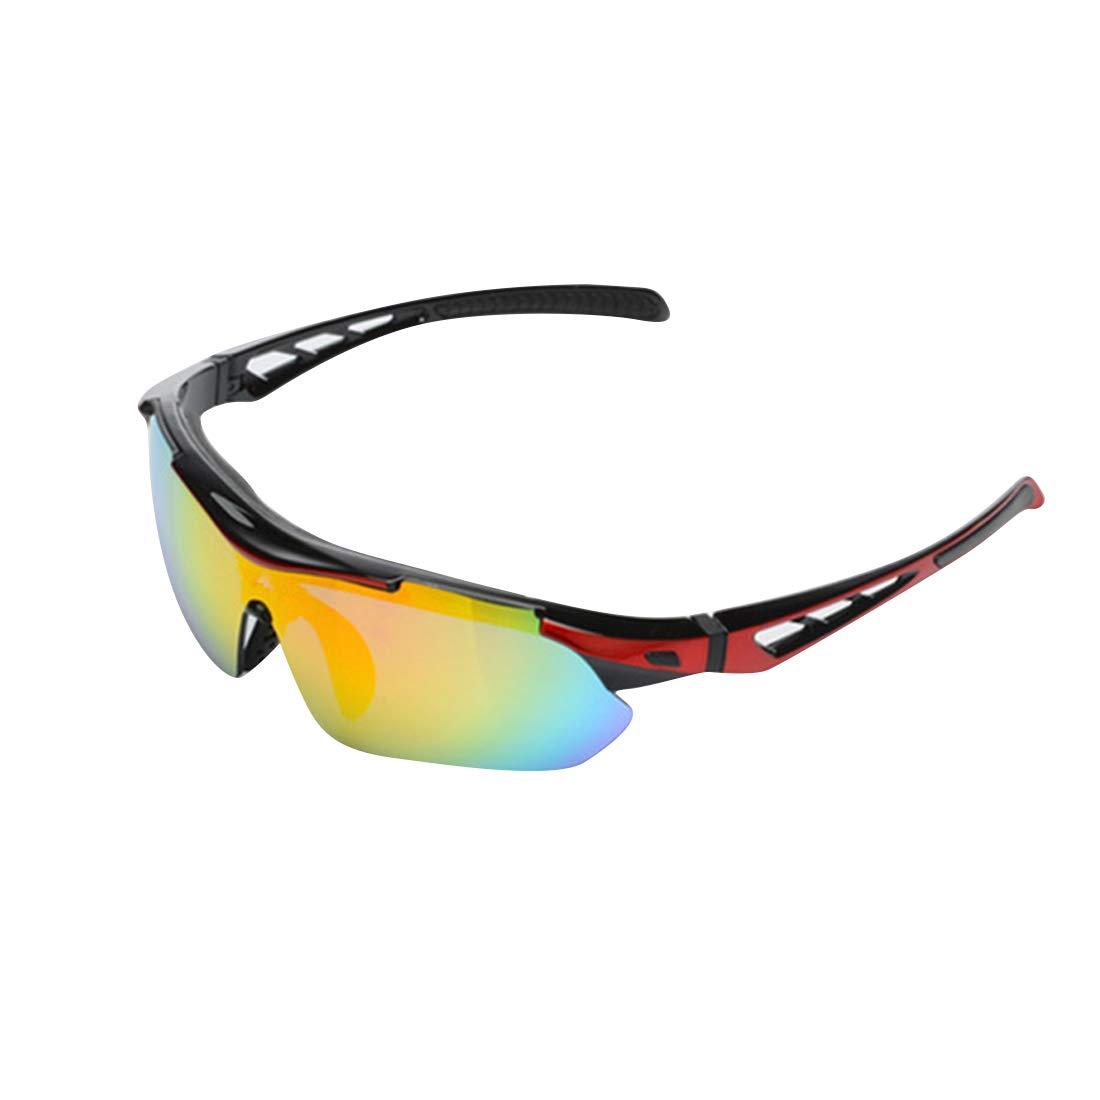 JESSIEKERVIN YY3 Radfahren Erwachsene Brille Fahrrad Farbwechsel Brille Outdoor Brille Geeignet für Outdoor-Liebhaber.